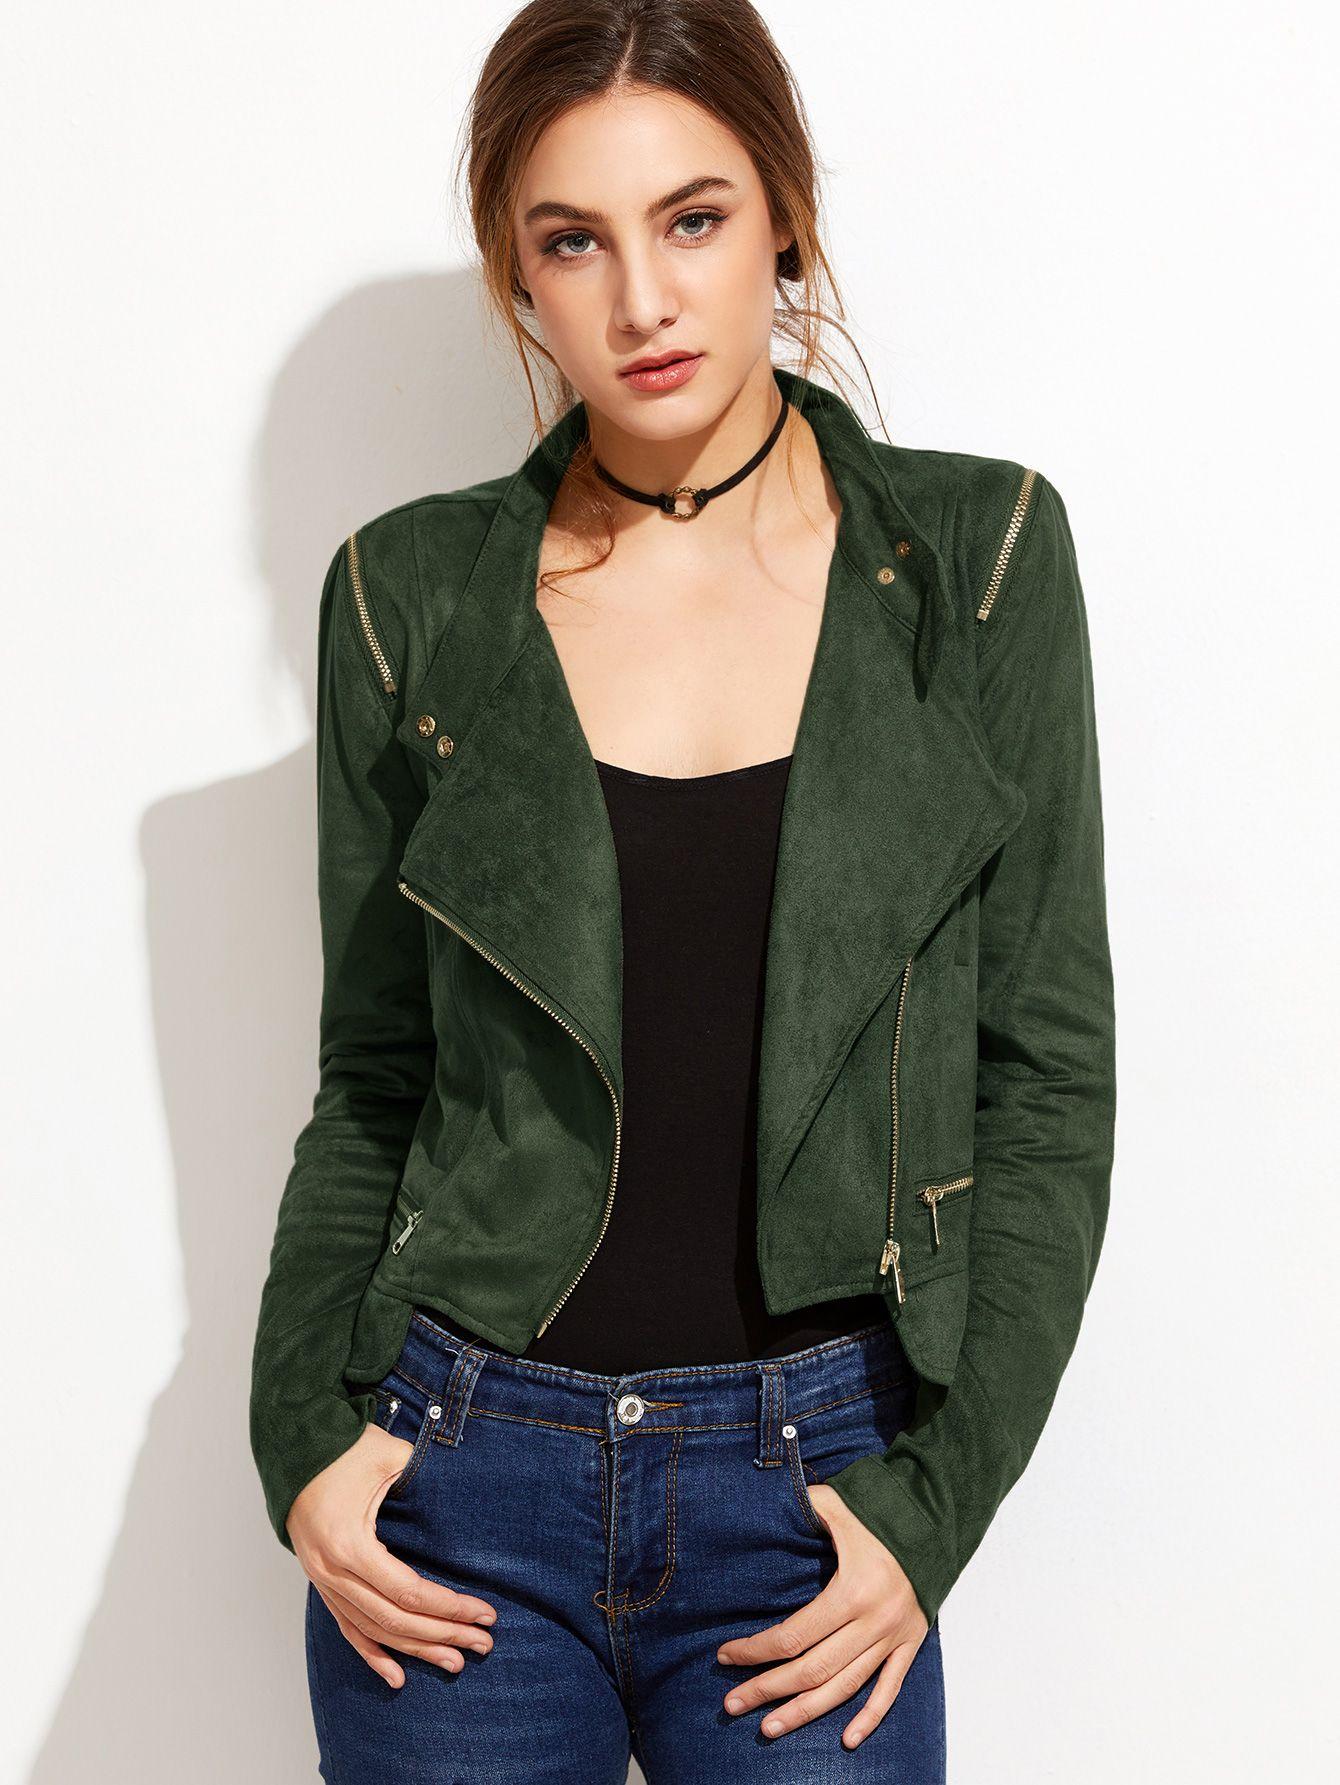 großer Rabatt exquisiter Stil Preis bleibt stabil Wildleder-Jacke mit Schräge Reißverschluss -armee grün ...